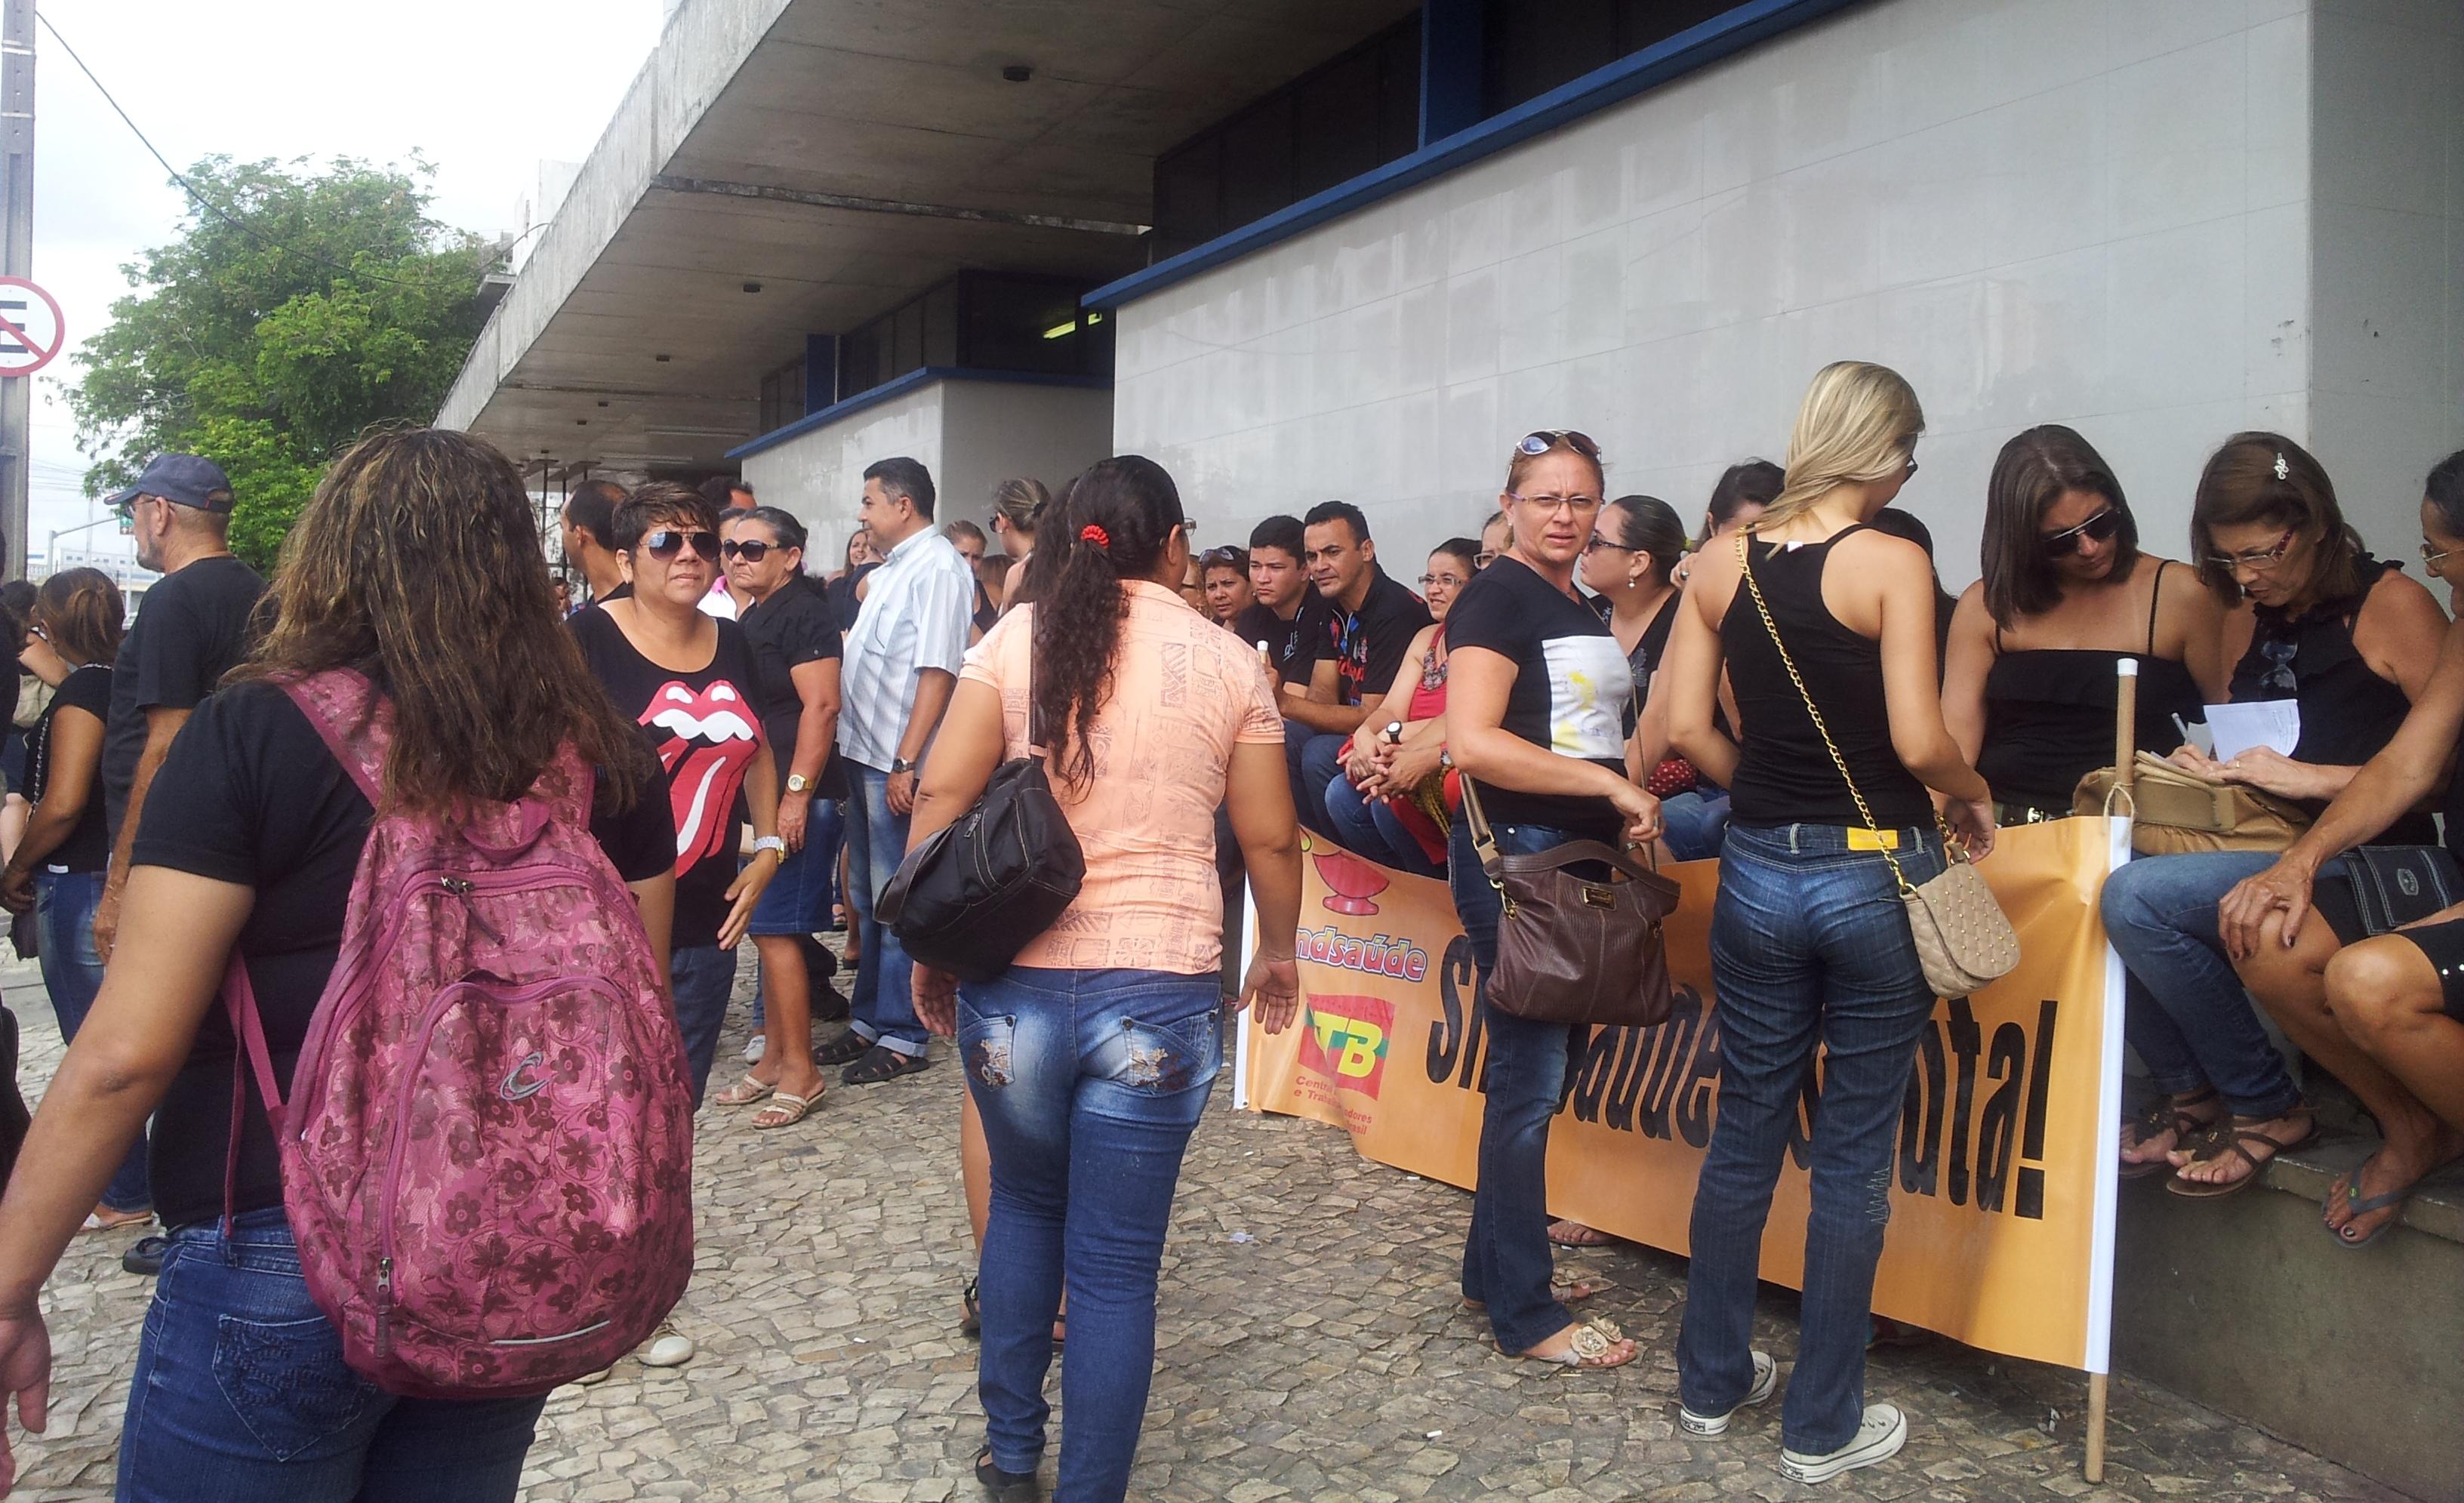 Mais de 20 mil terceirizados da saúde de Fortaleza vão entrar em greve na próxima sexta-feira (14). A decisão foi tomada em assembleia realizada na manhã desta terça-feira (11),